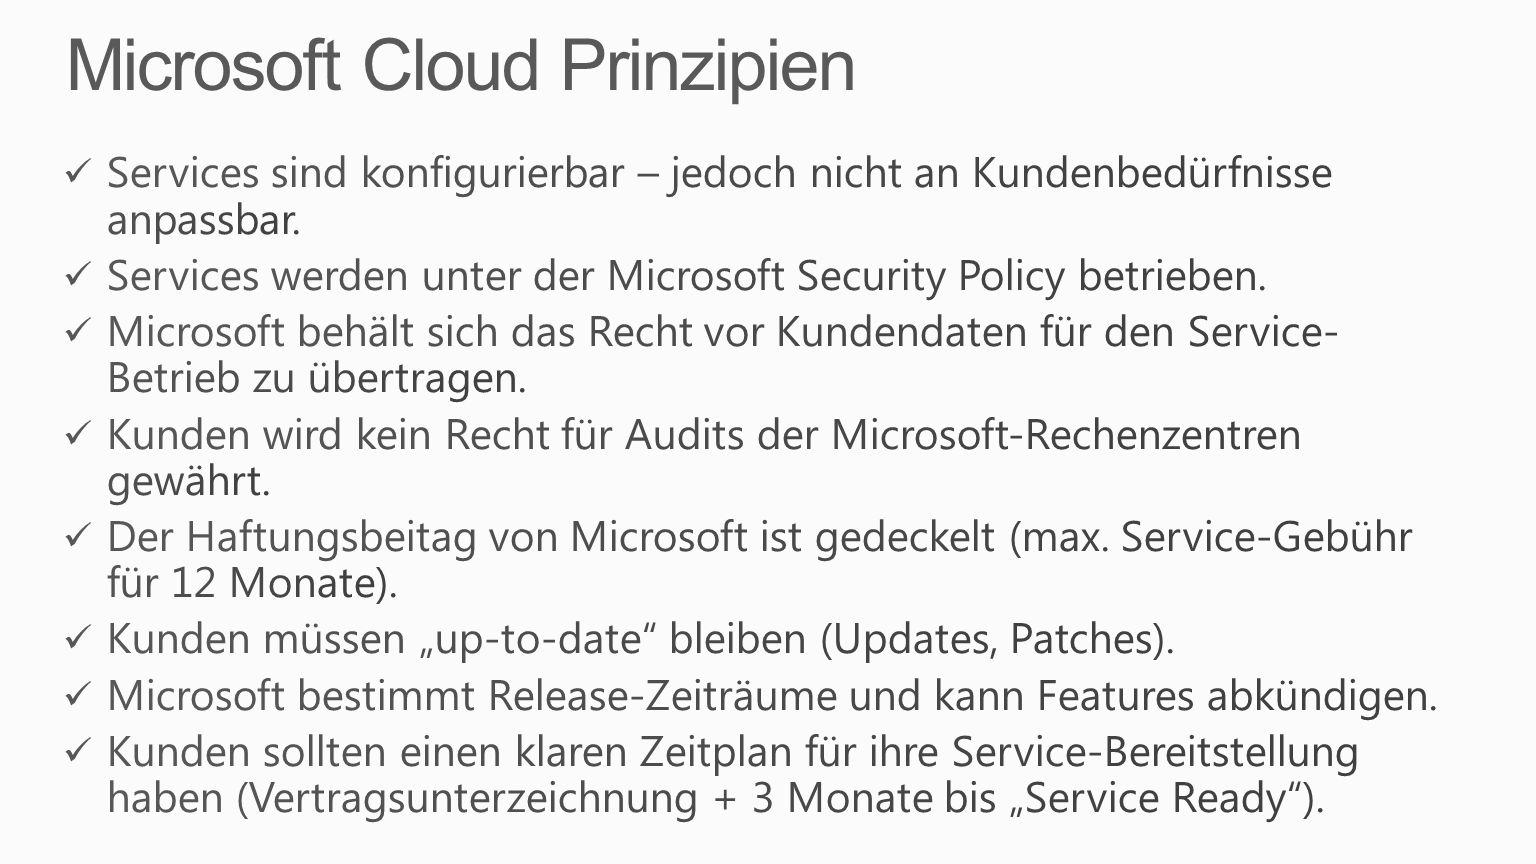 Microsoft Cloud Prinzipien